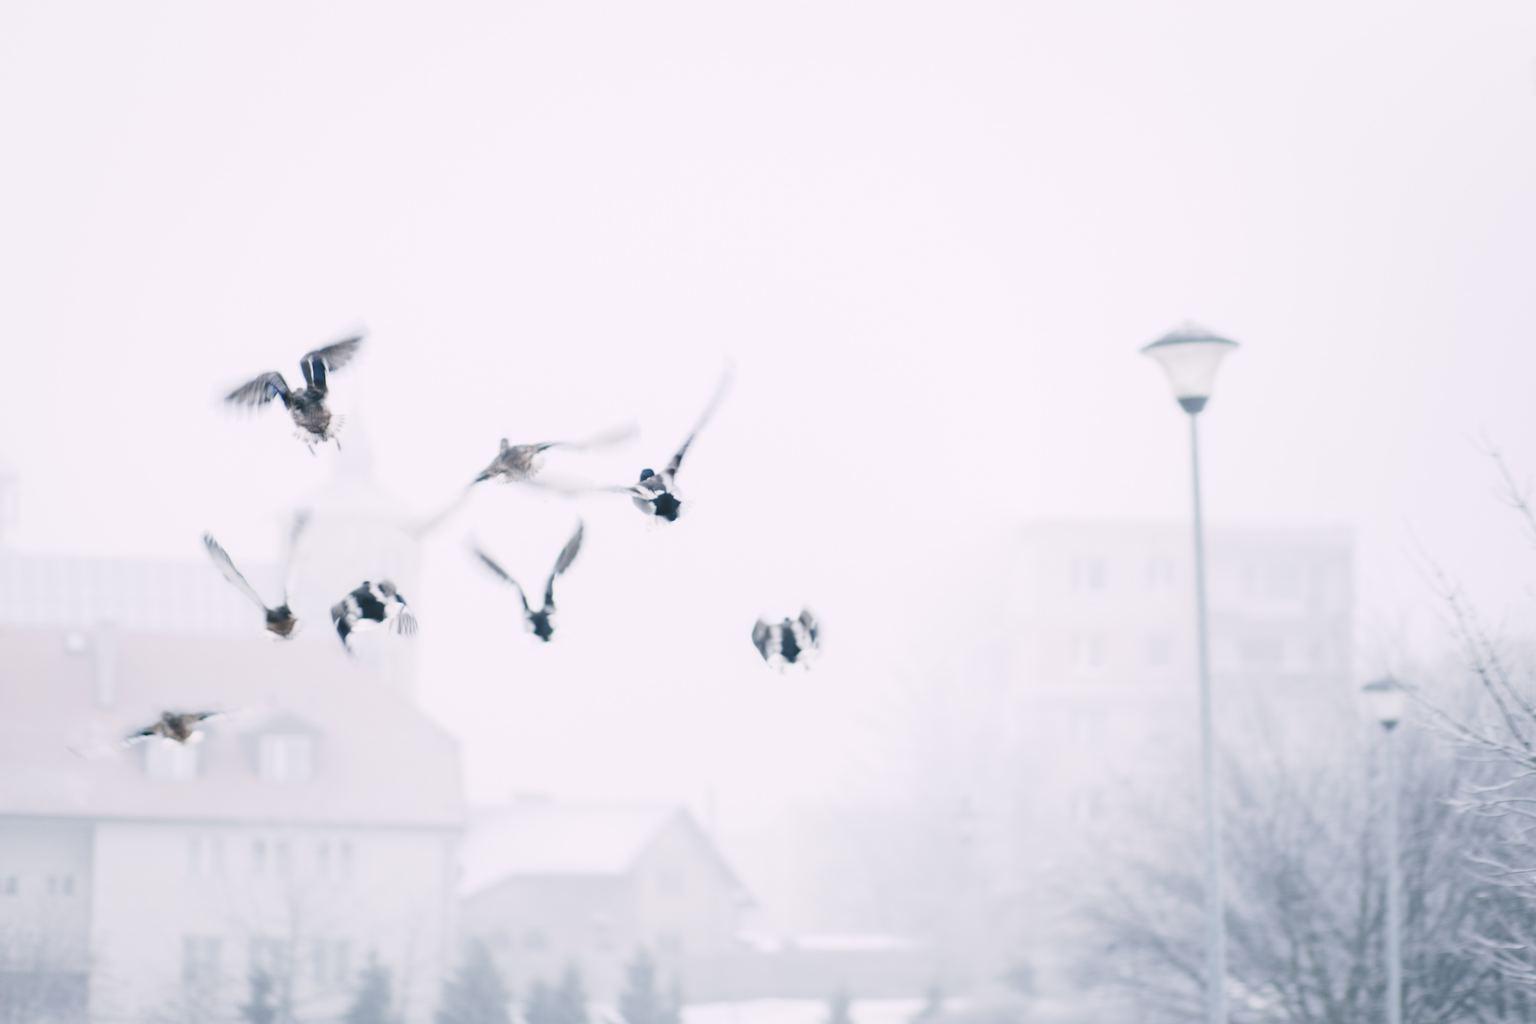 Pájaros volando en ciudad nevada y farola al fondo